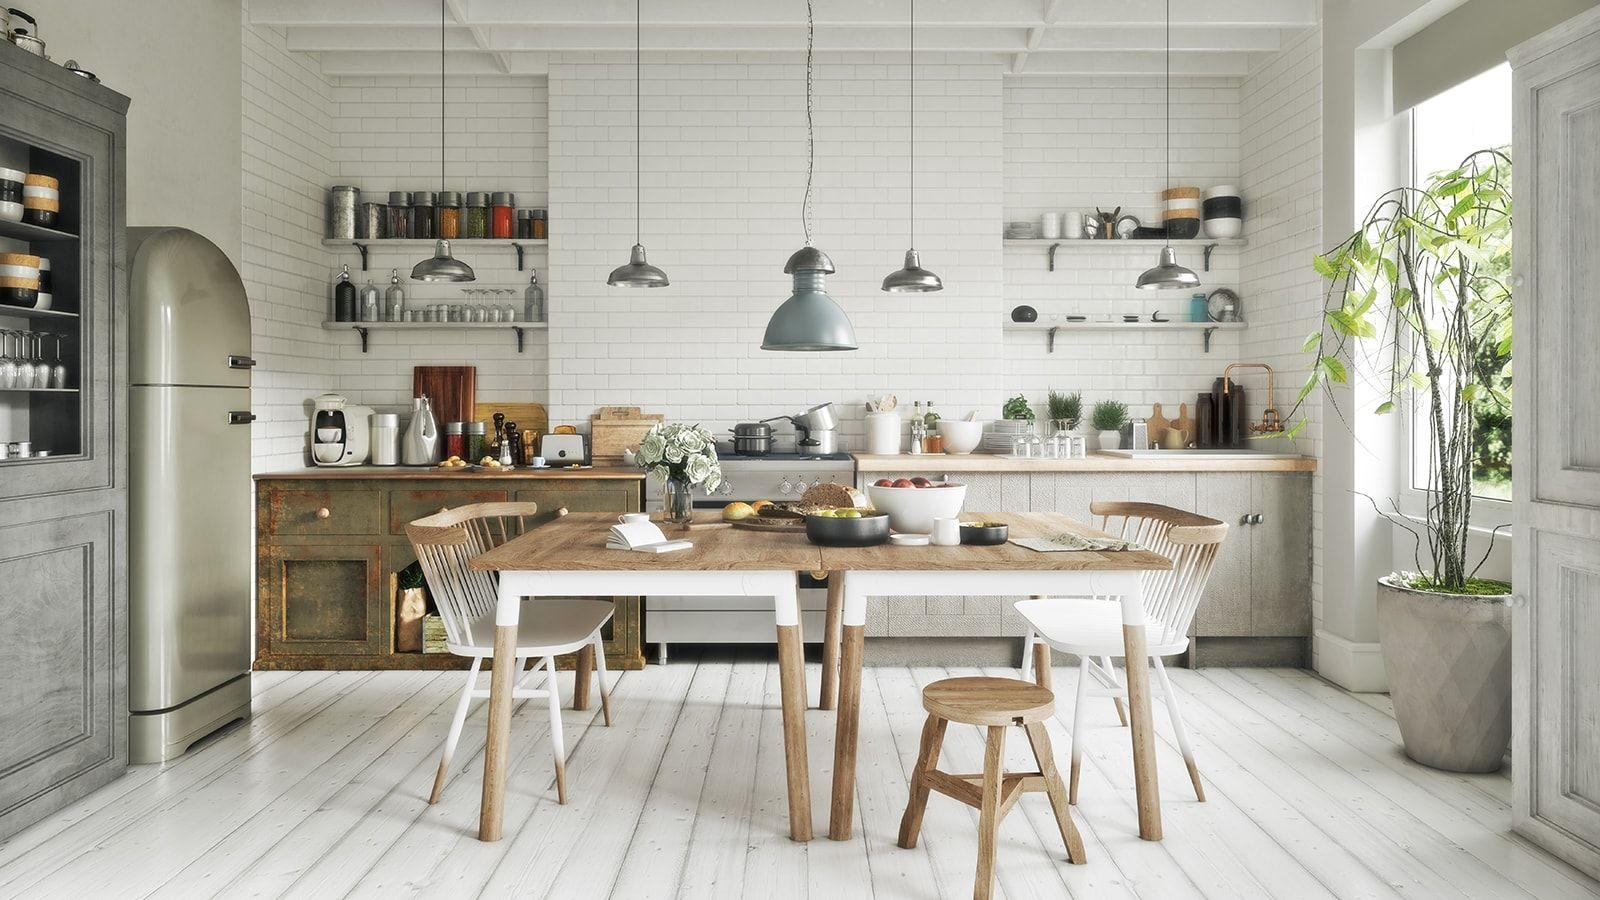 Amazing Scandinavian Kitchen Interior Design Ideas Scandinavian Interior Kitchen Scandinavian Kitchen Interior Design Kitchen